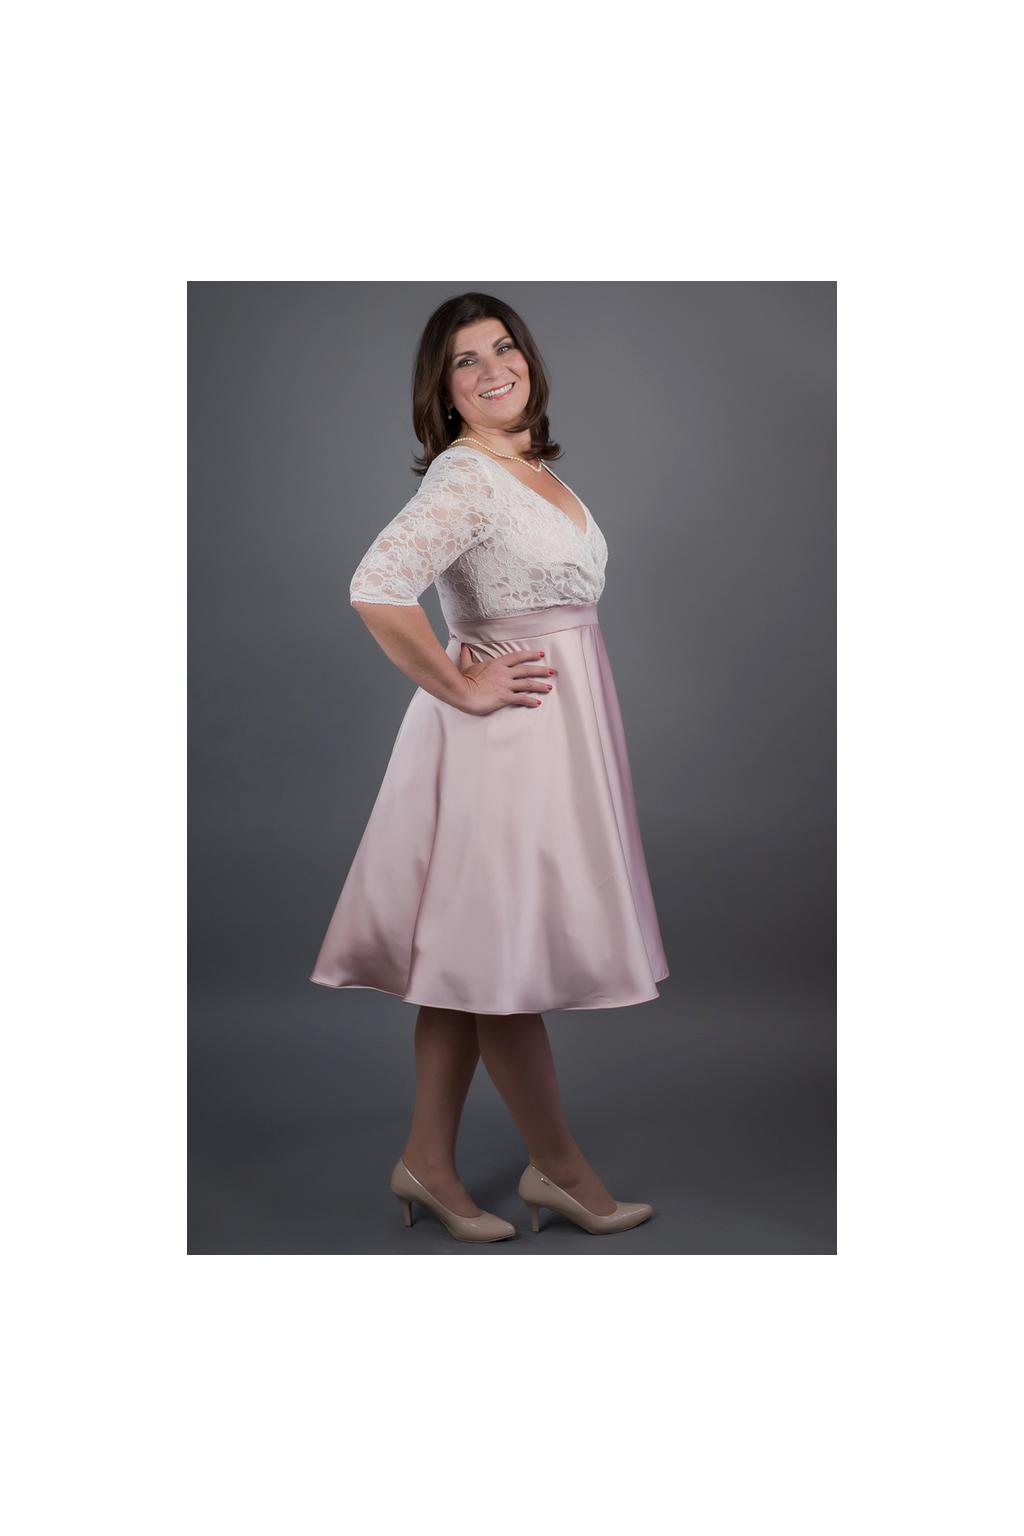 Šaty MARGARET se skládaným krajkovým živůtkem · Šaty MARGARET se skládaným  krajkovým živůtkem 0102a0600f